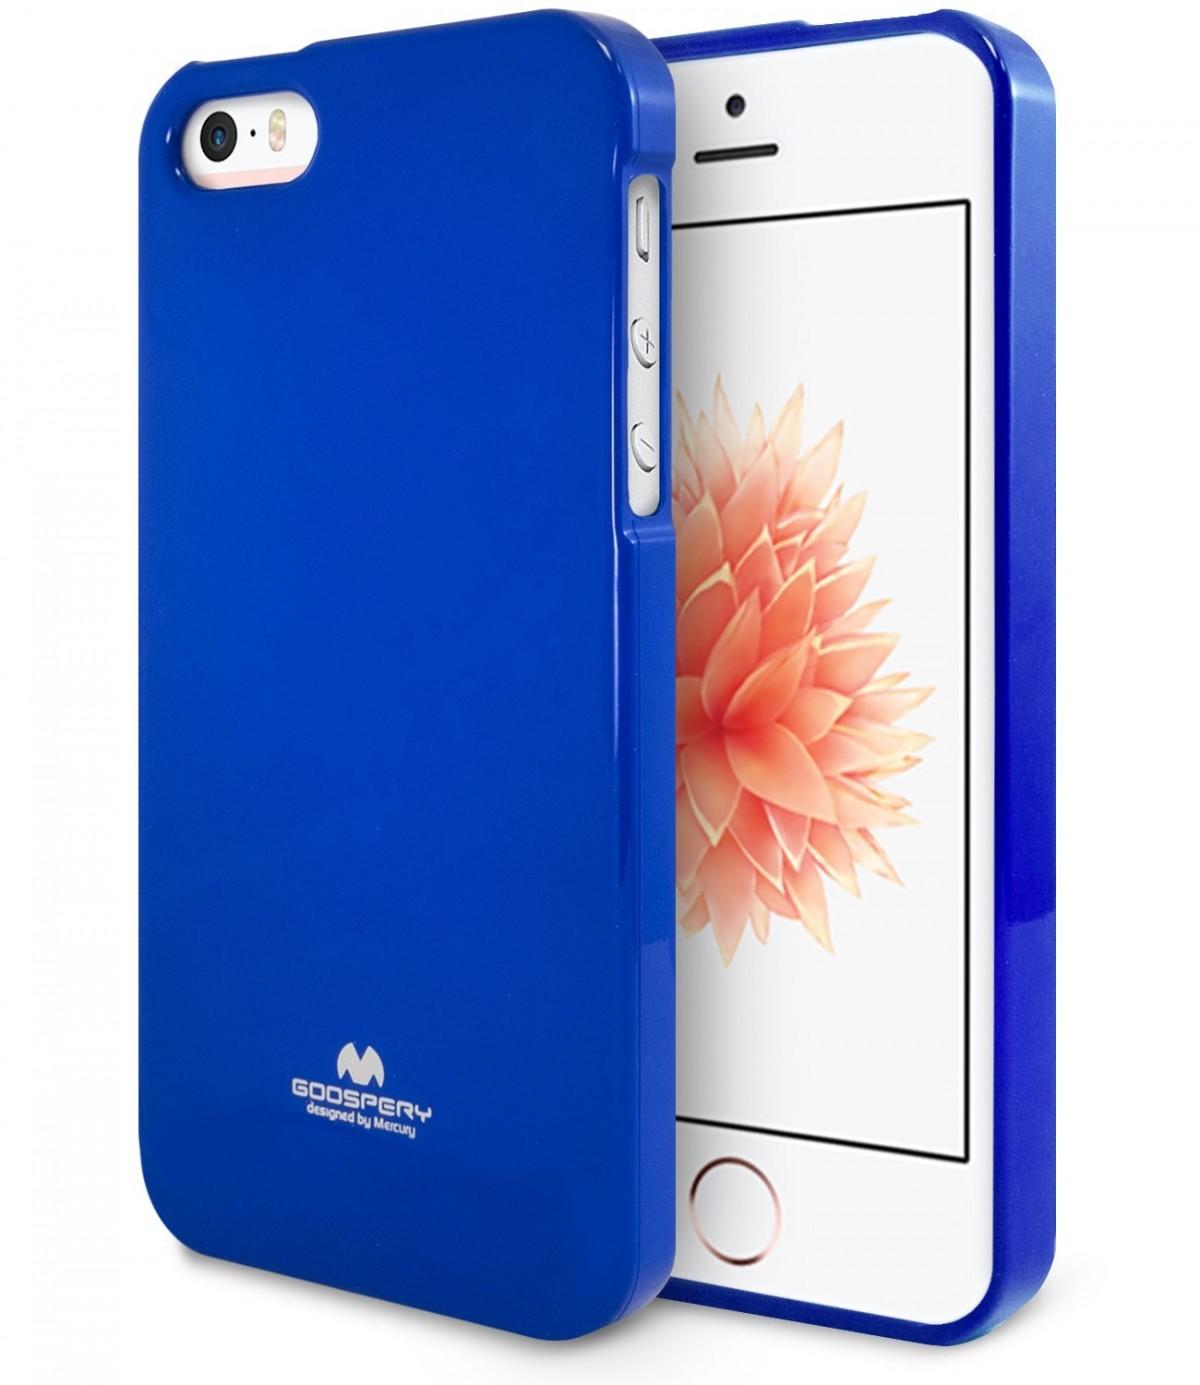 Silikonové obaly / kryty Goospery Mercury pro Apple iPhone SE / 5s / 5c / 5 - Jelly Case - Modrý / Blue